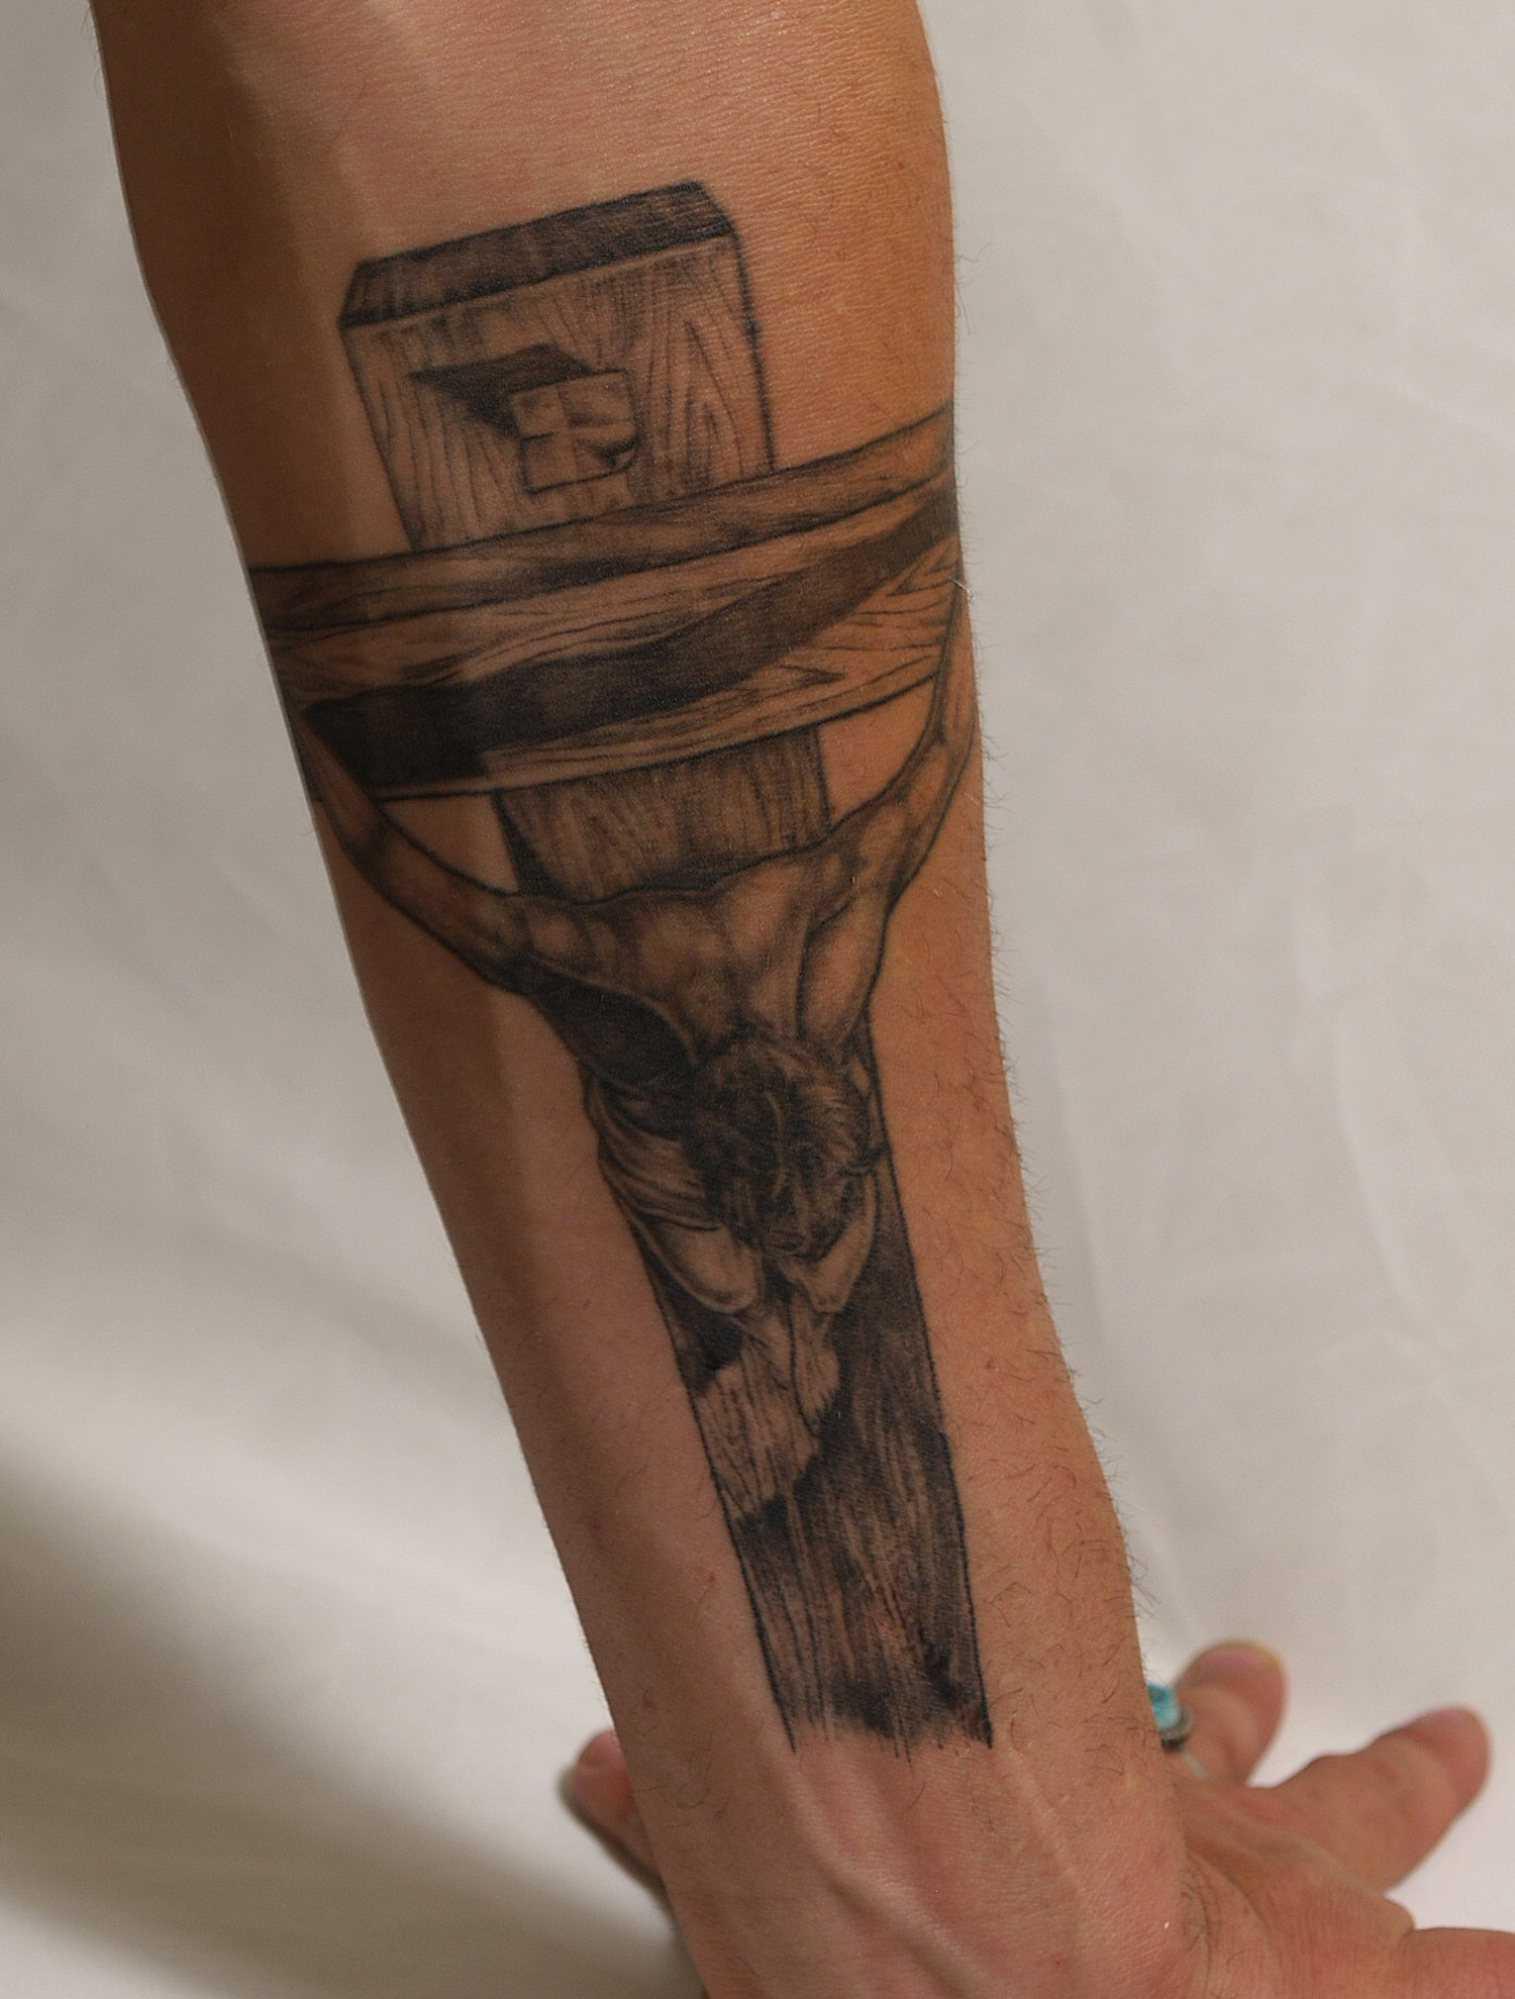 Tatuagem no antebraço cara - a cruz com o crucificado nela Jesus